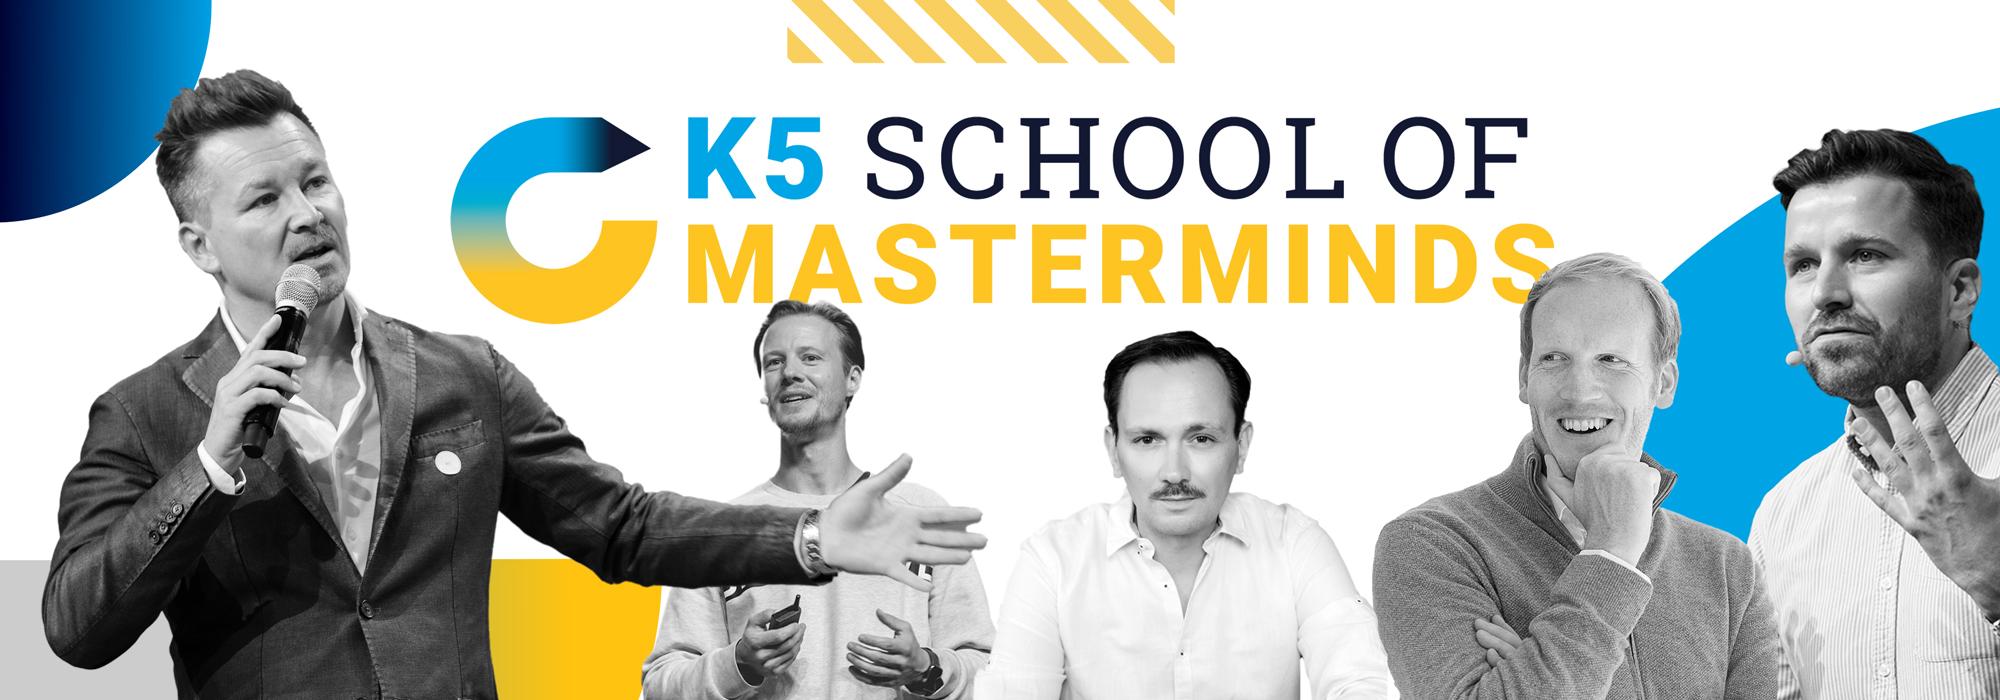 School of Masterminds mit Sven Rittau, Max Wittrock und vielen mehr